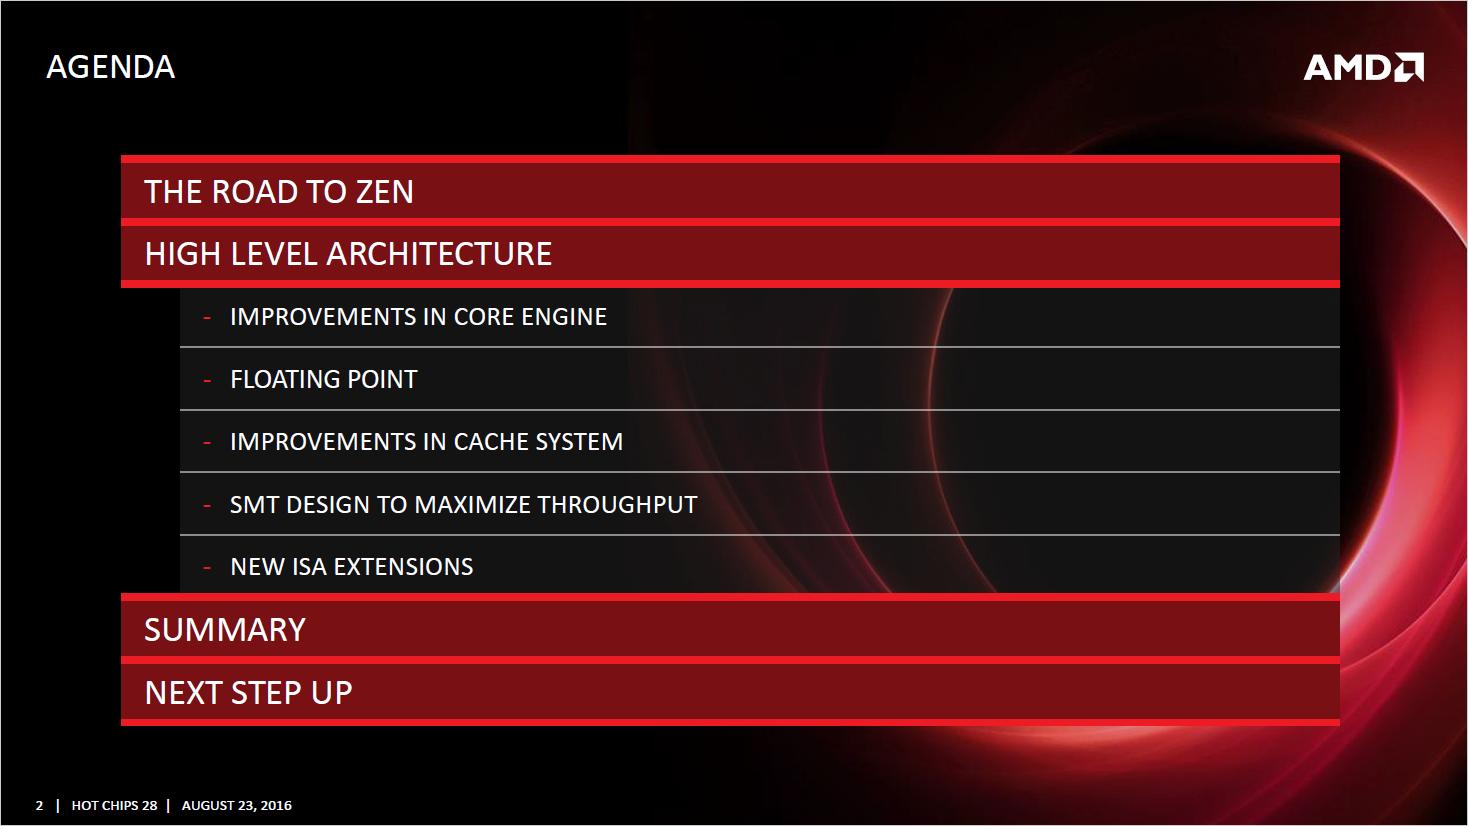 amd-zen_agenda